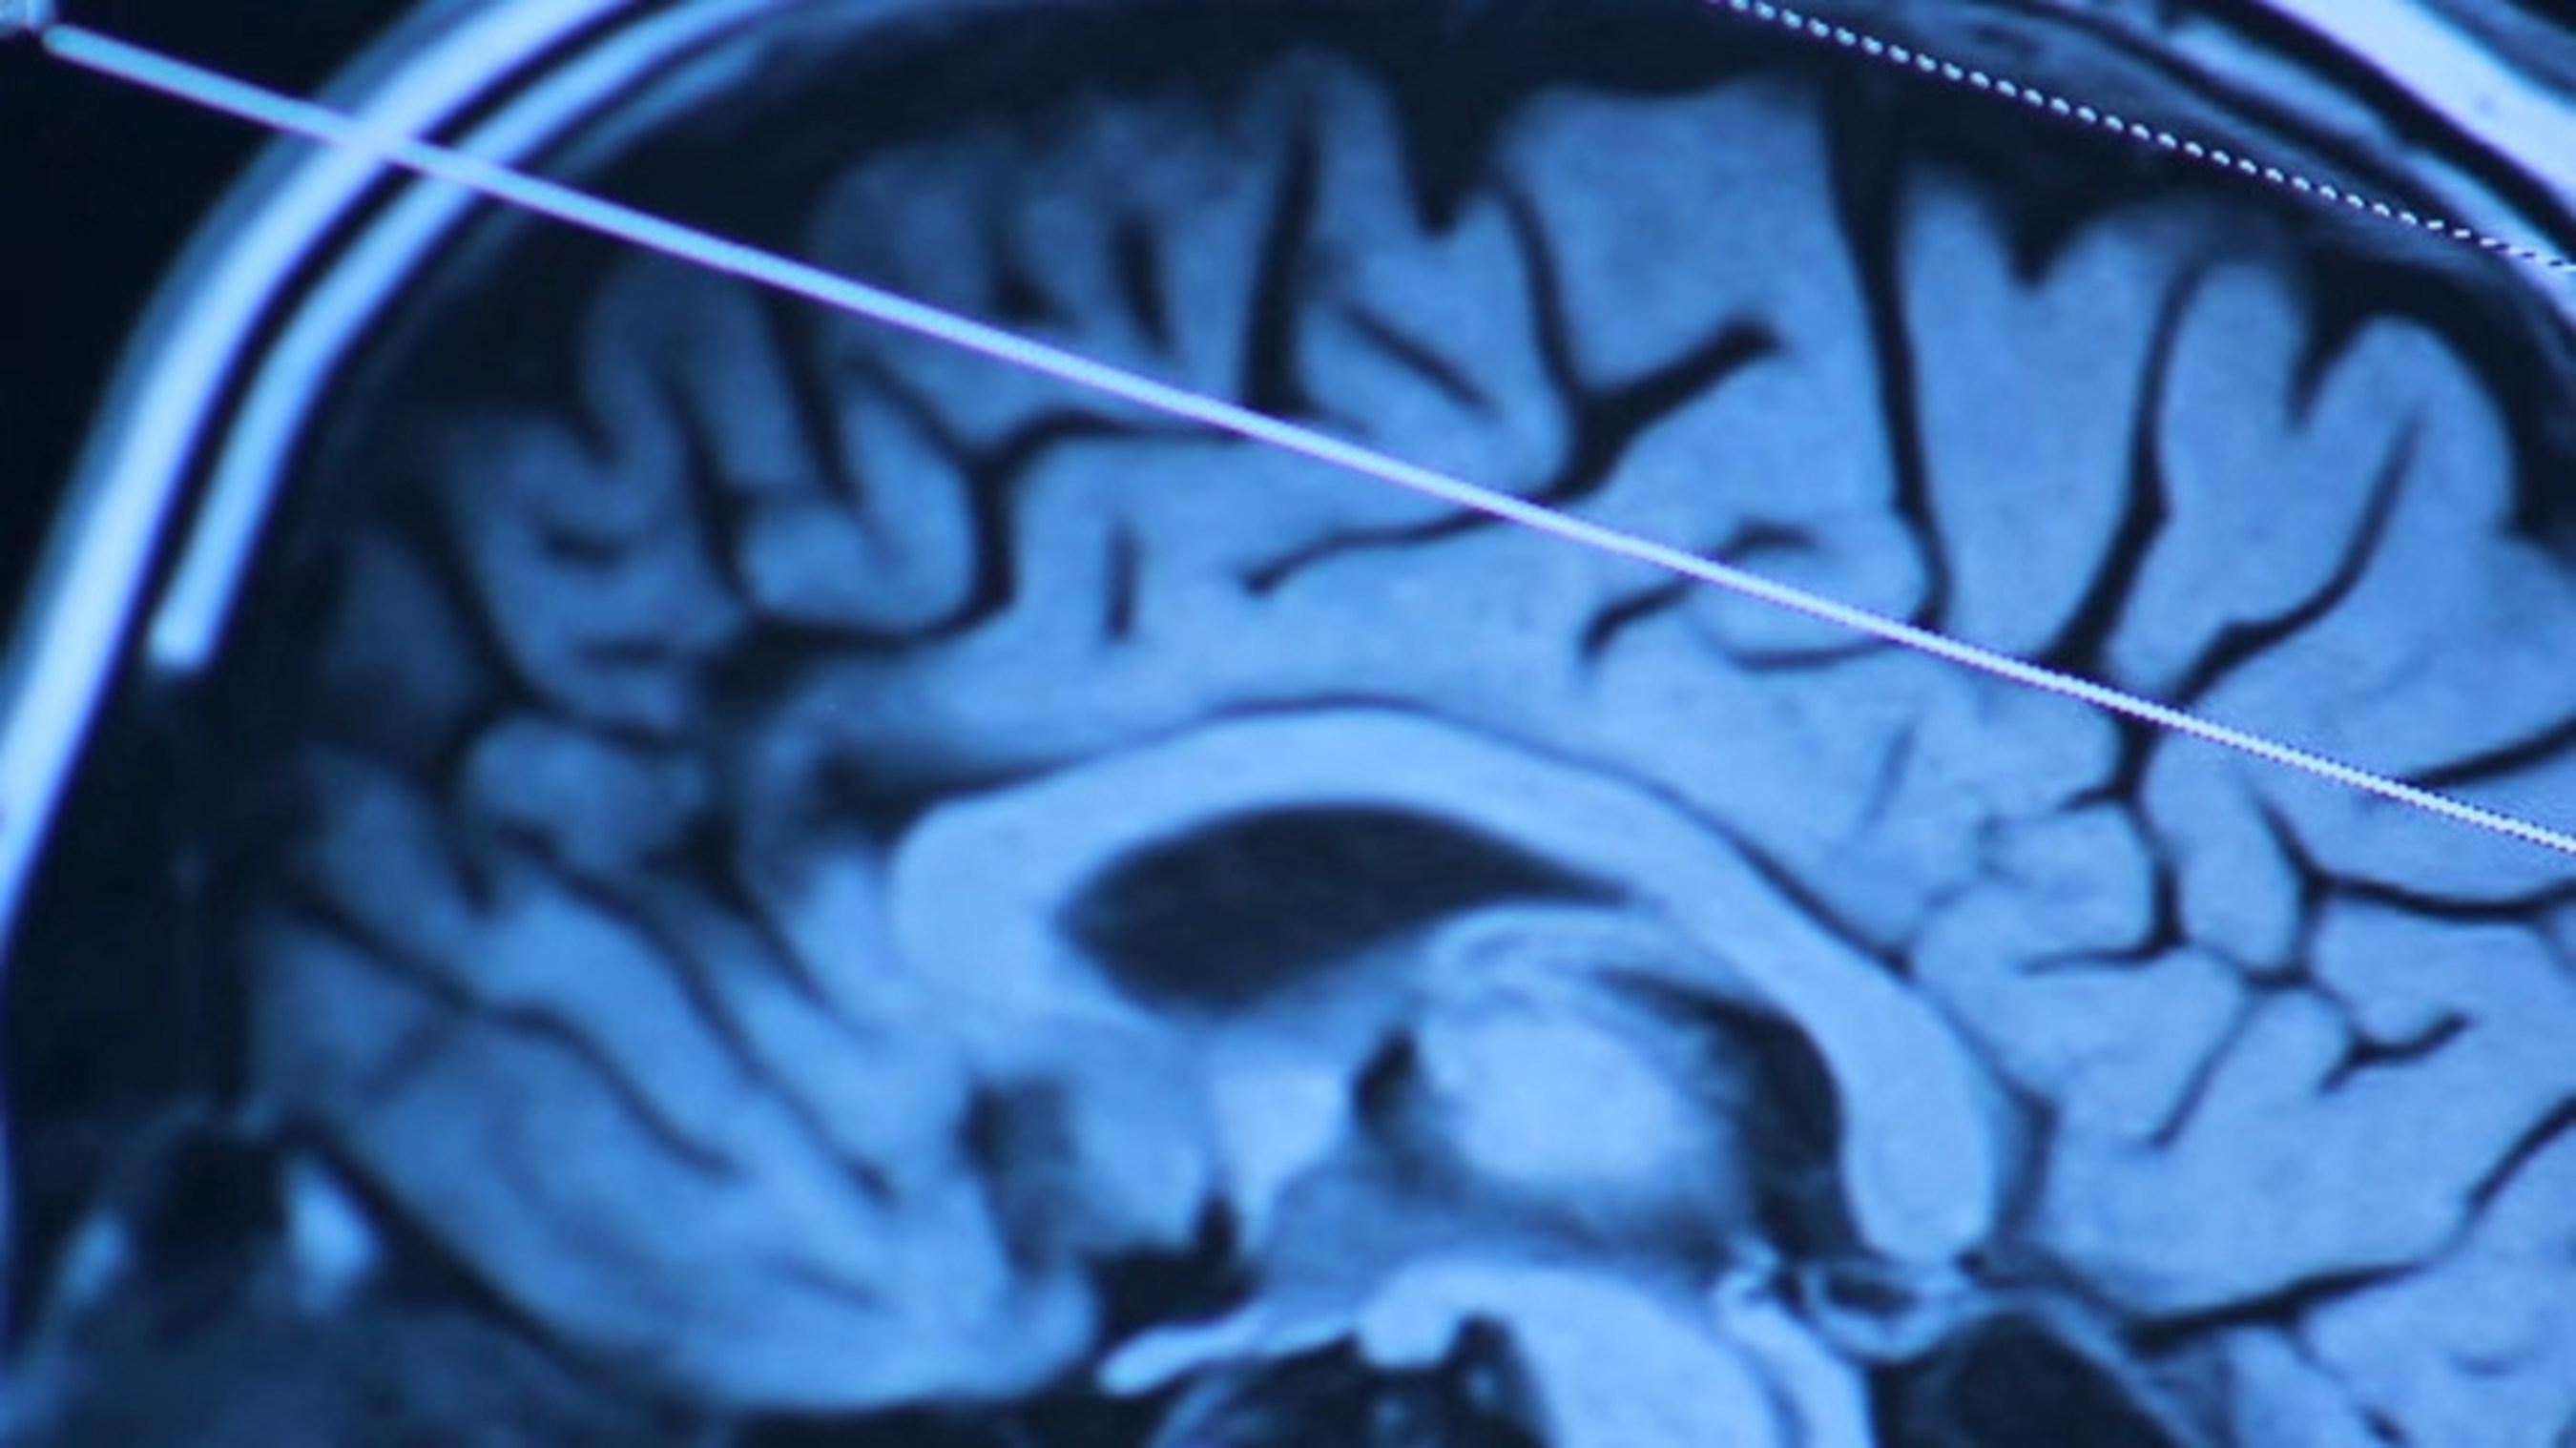 Diagnostic of brain health